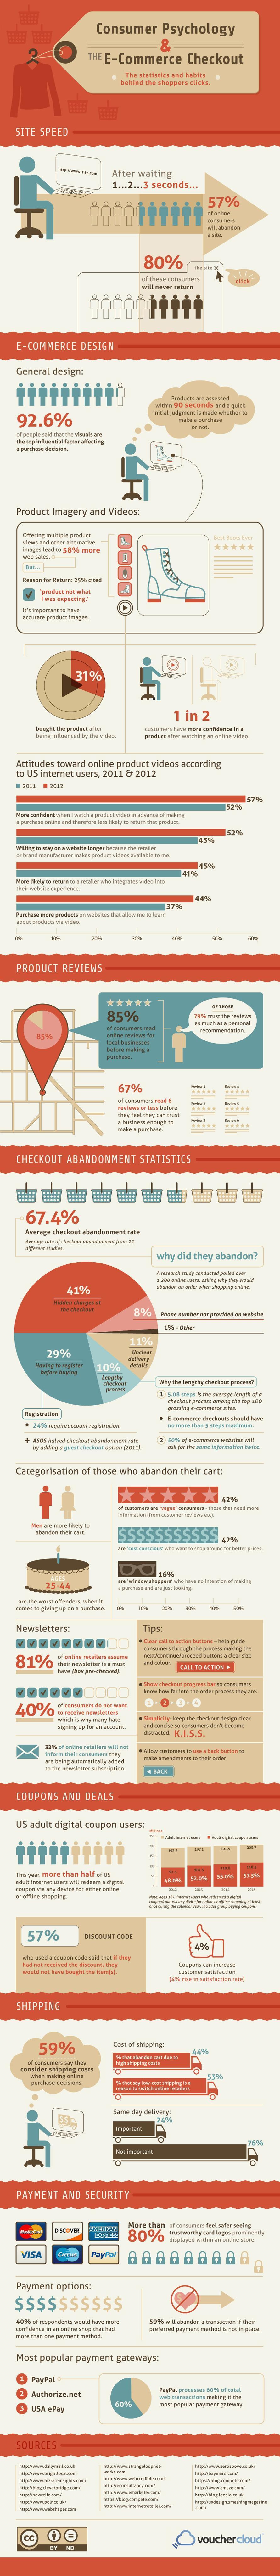 Die Psychologie des Online-Shoppings als Infografik von vouchercloud